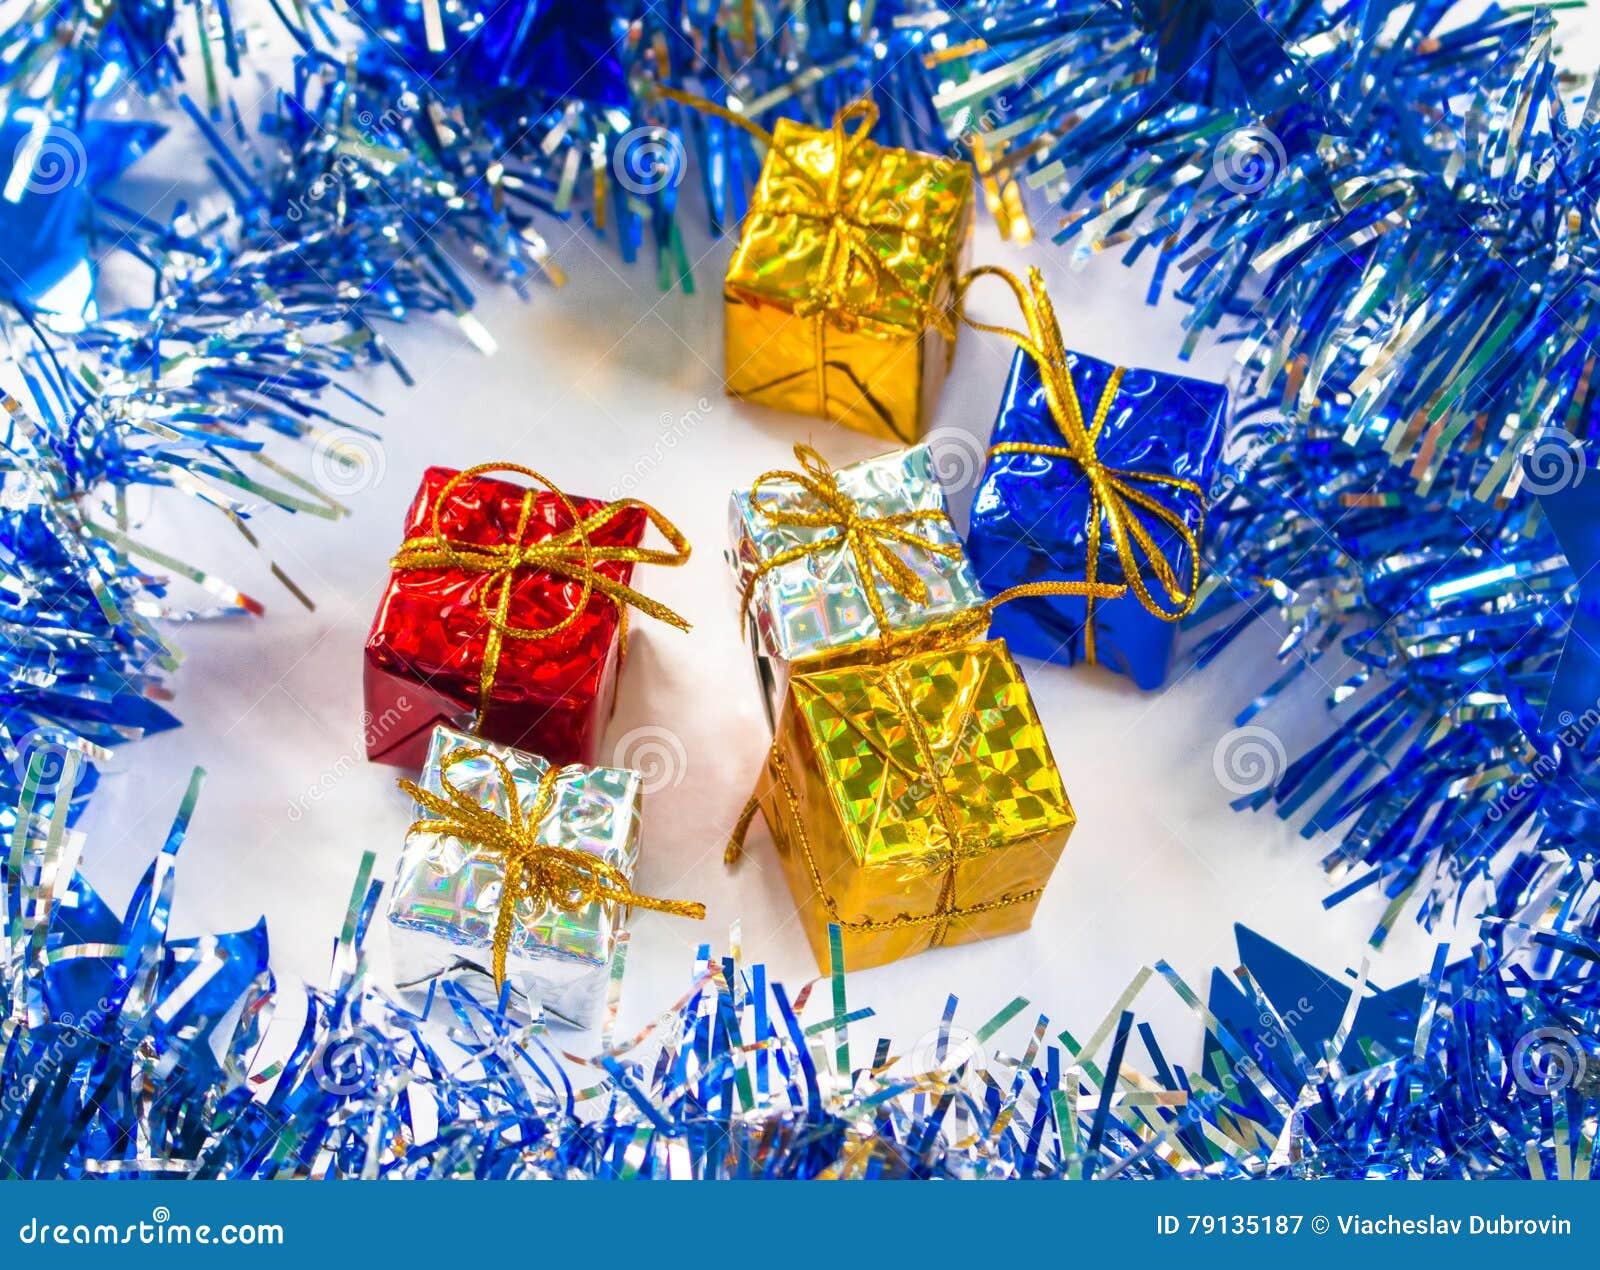 Weihnachtsgeschenk Im Blauen Kranz Mit Festlichem Dekor Stockbild ...